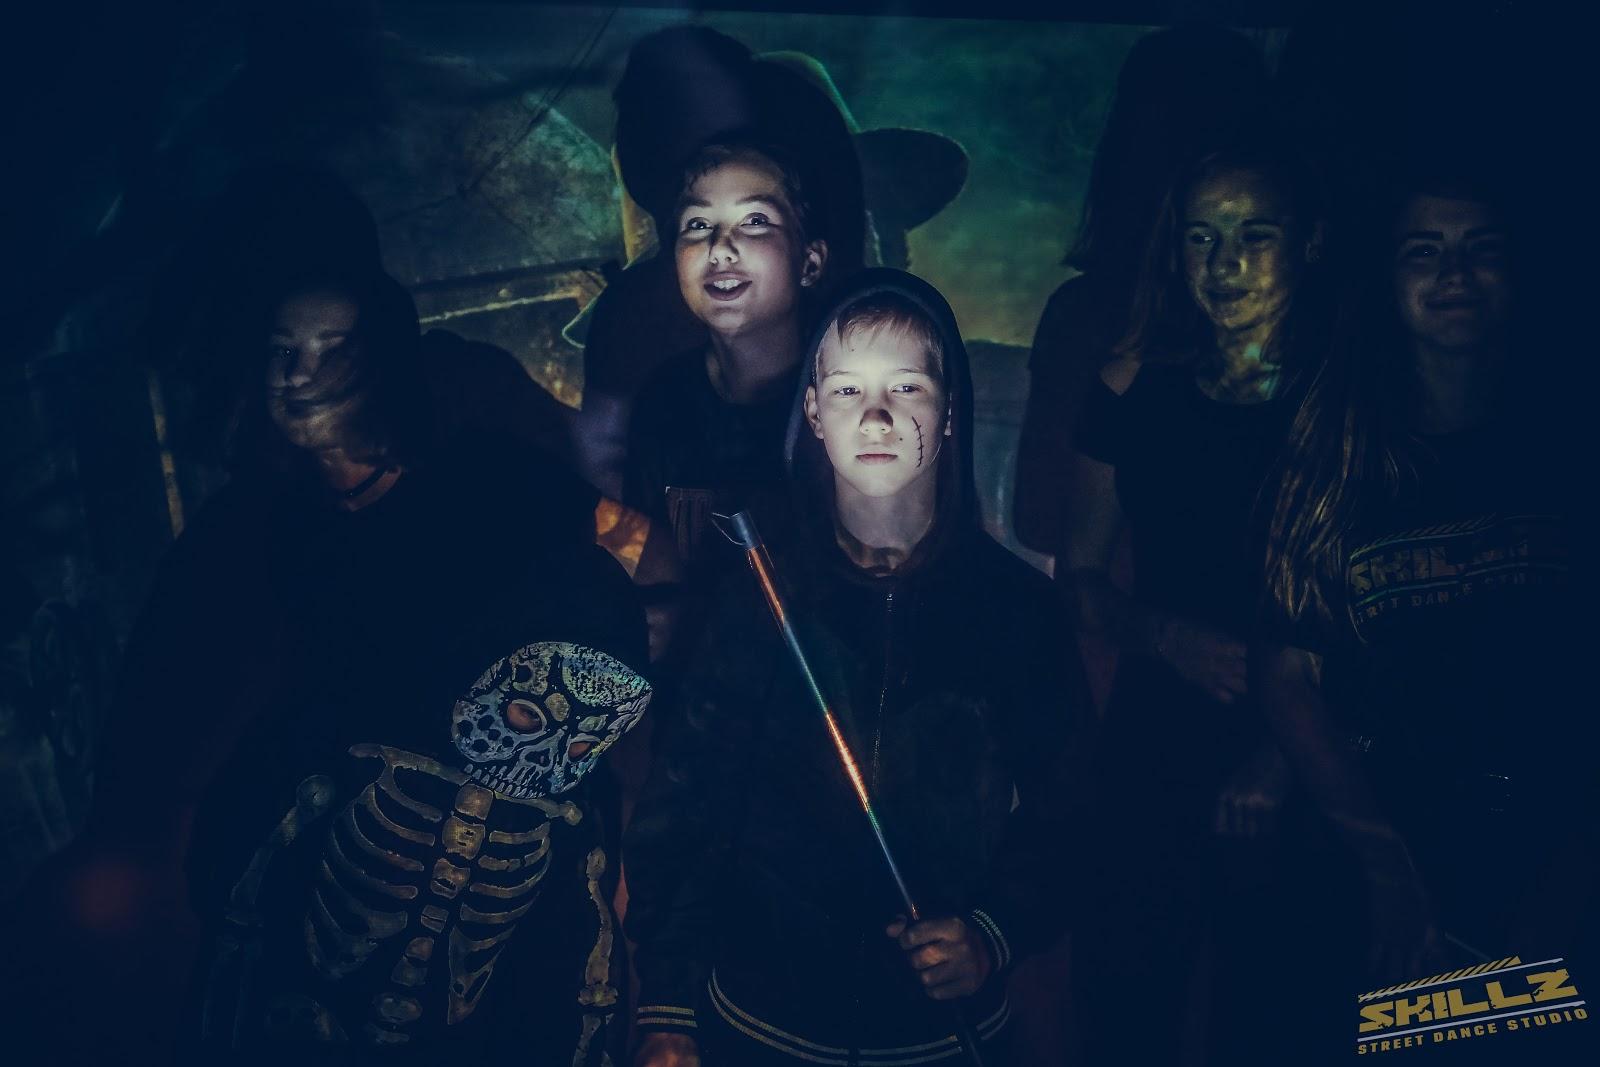 Naujikų krikštynos @SKILLZ (Halloween tema) - PANA1449.jpg